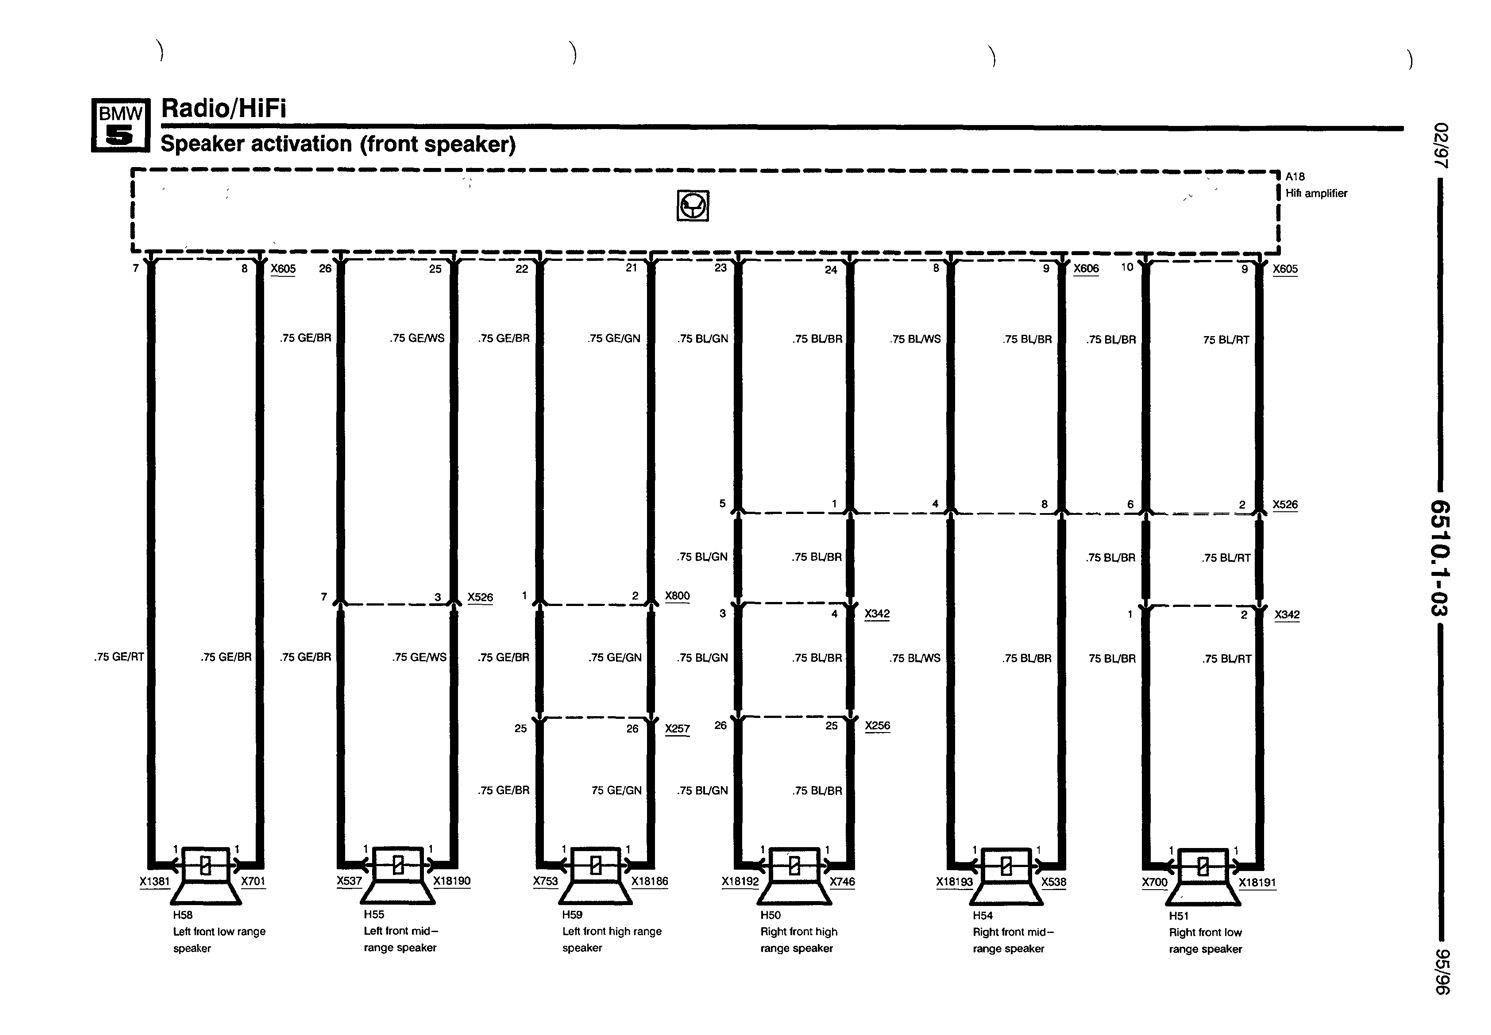 21 New Sony 52wx4 Wiring Diagram